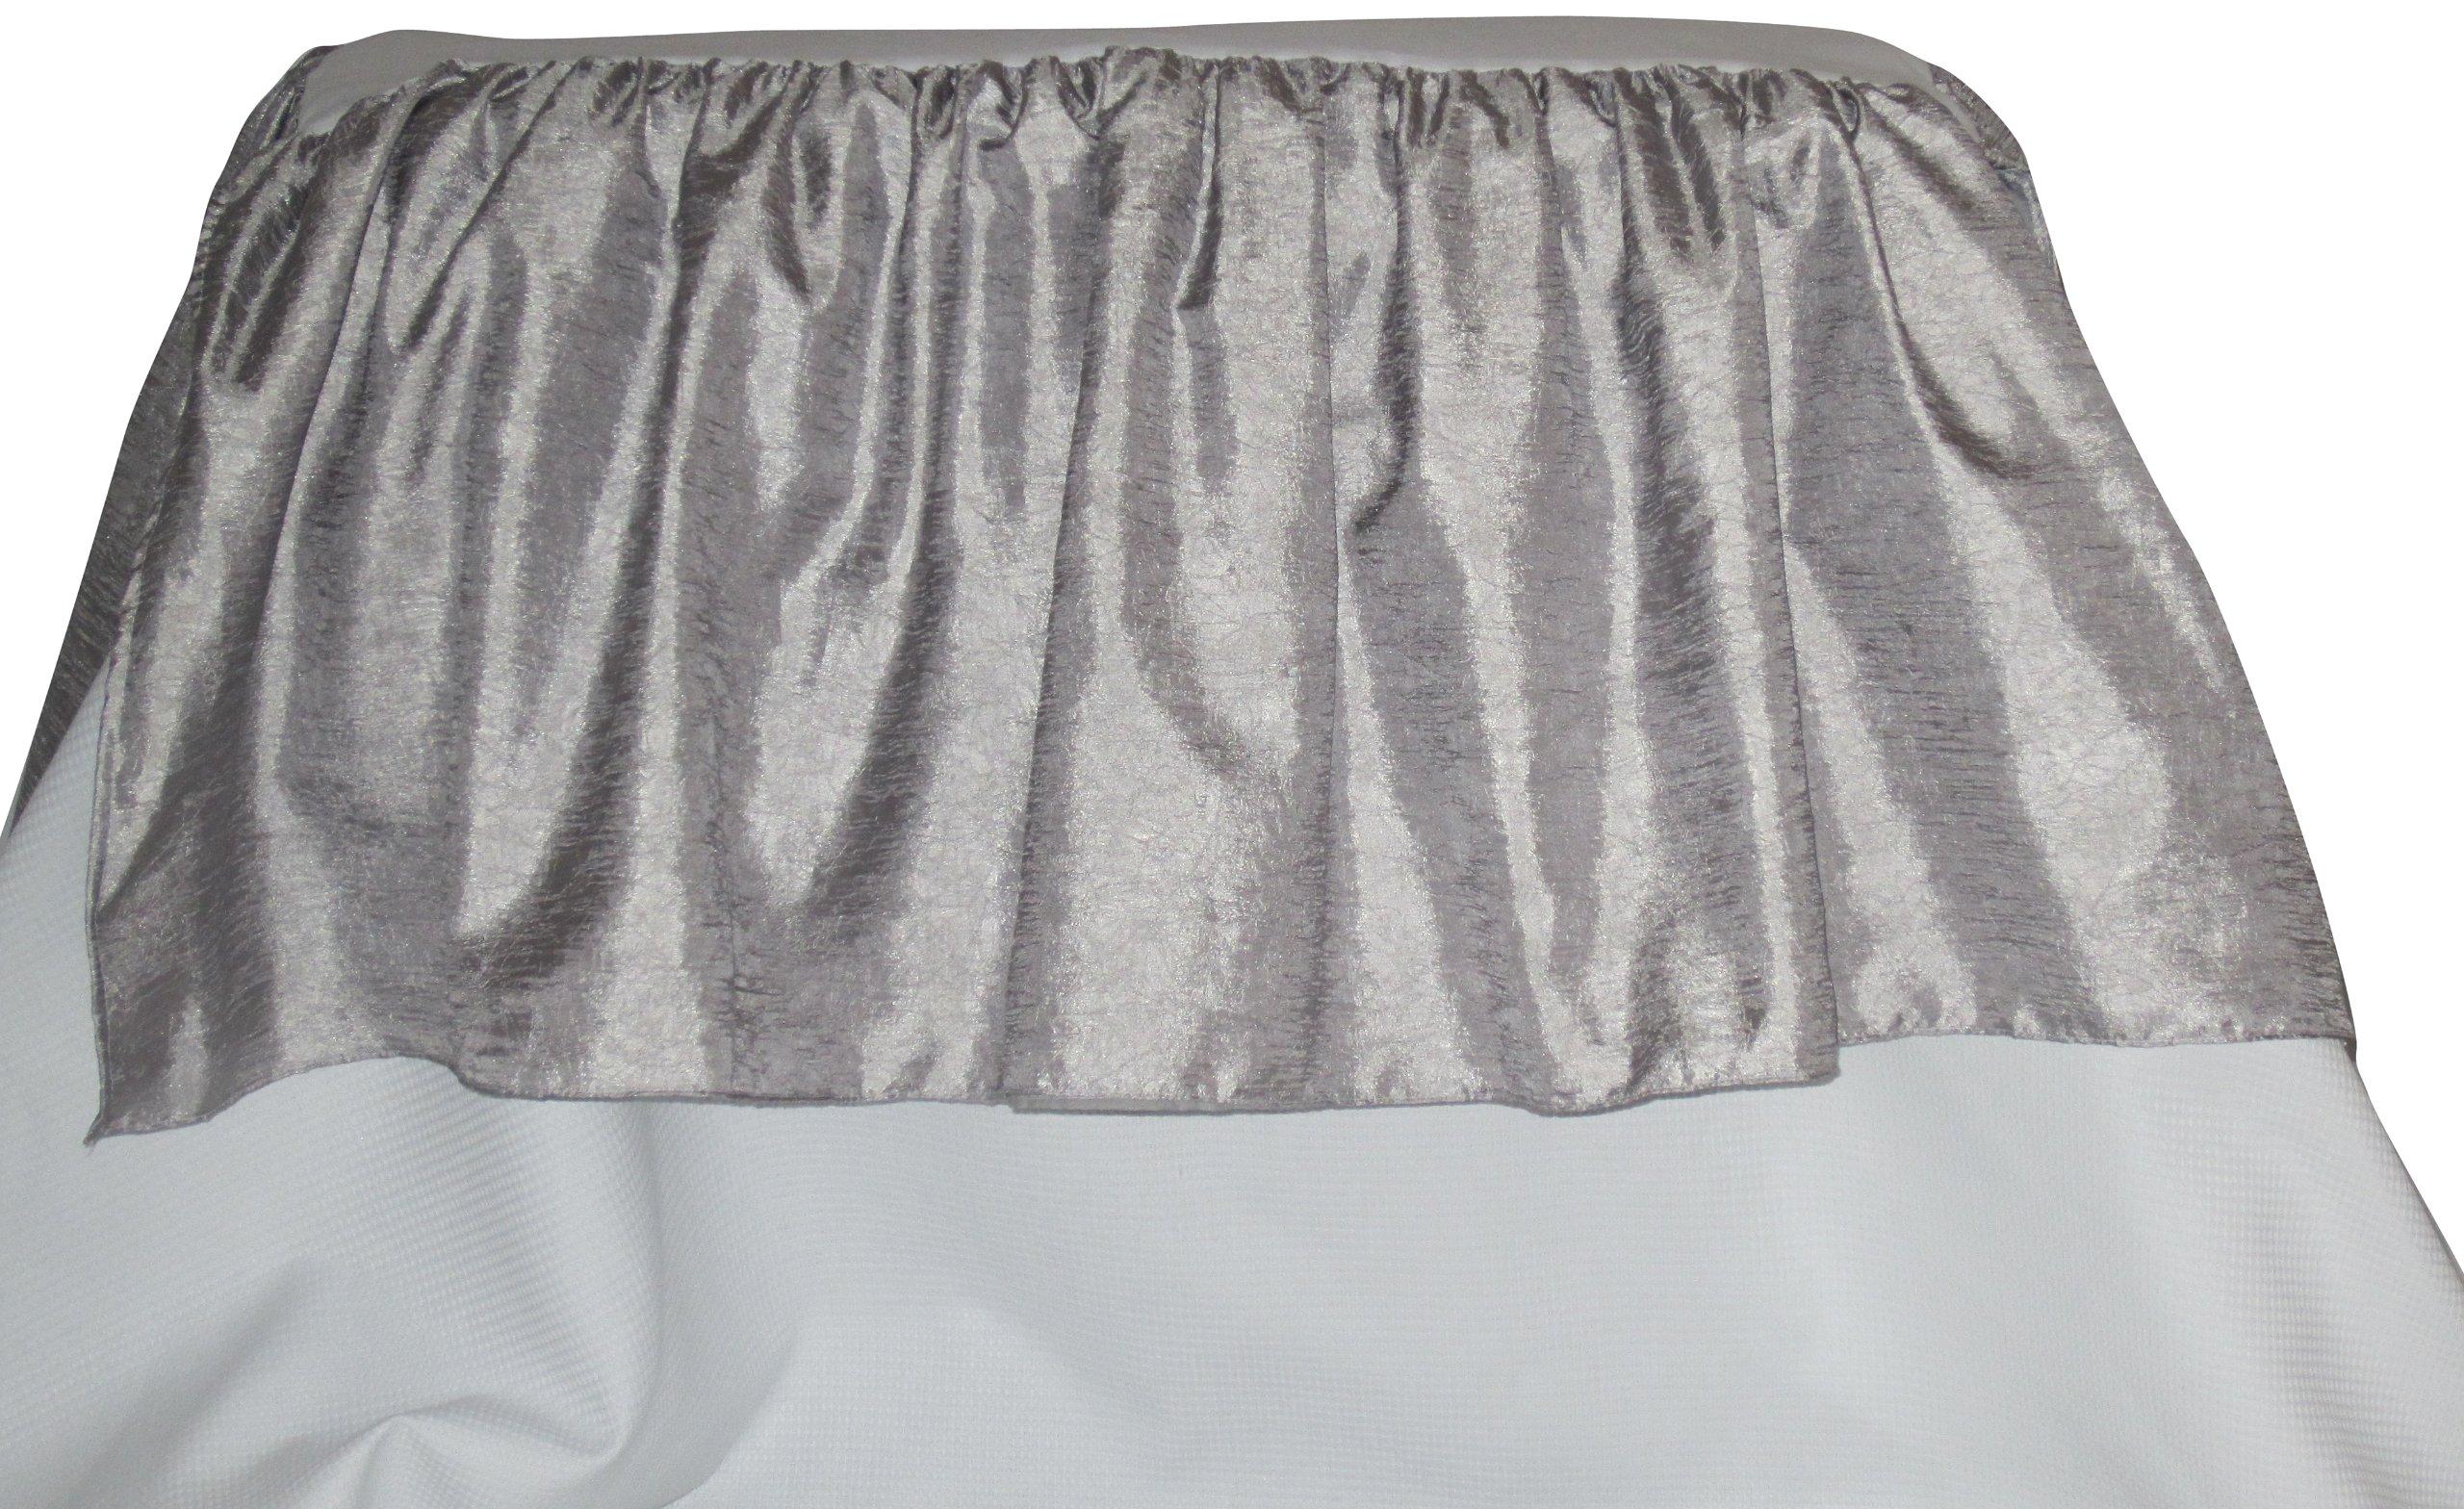 Baby Doll Crocodile Crib Skirt/Dust Ruffle, Silver/Grey by BabyDoll Bedding